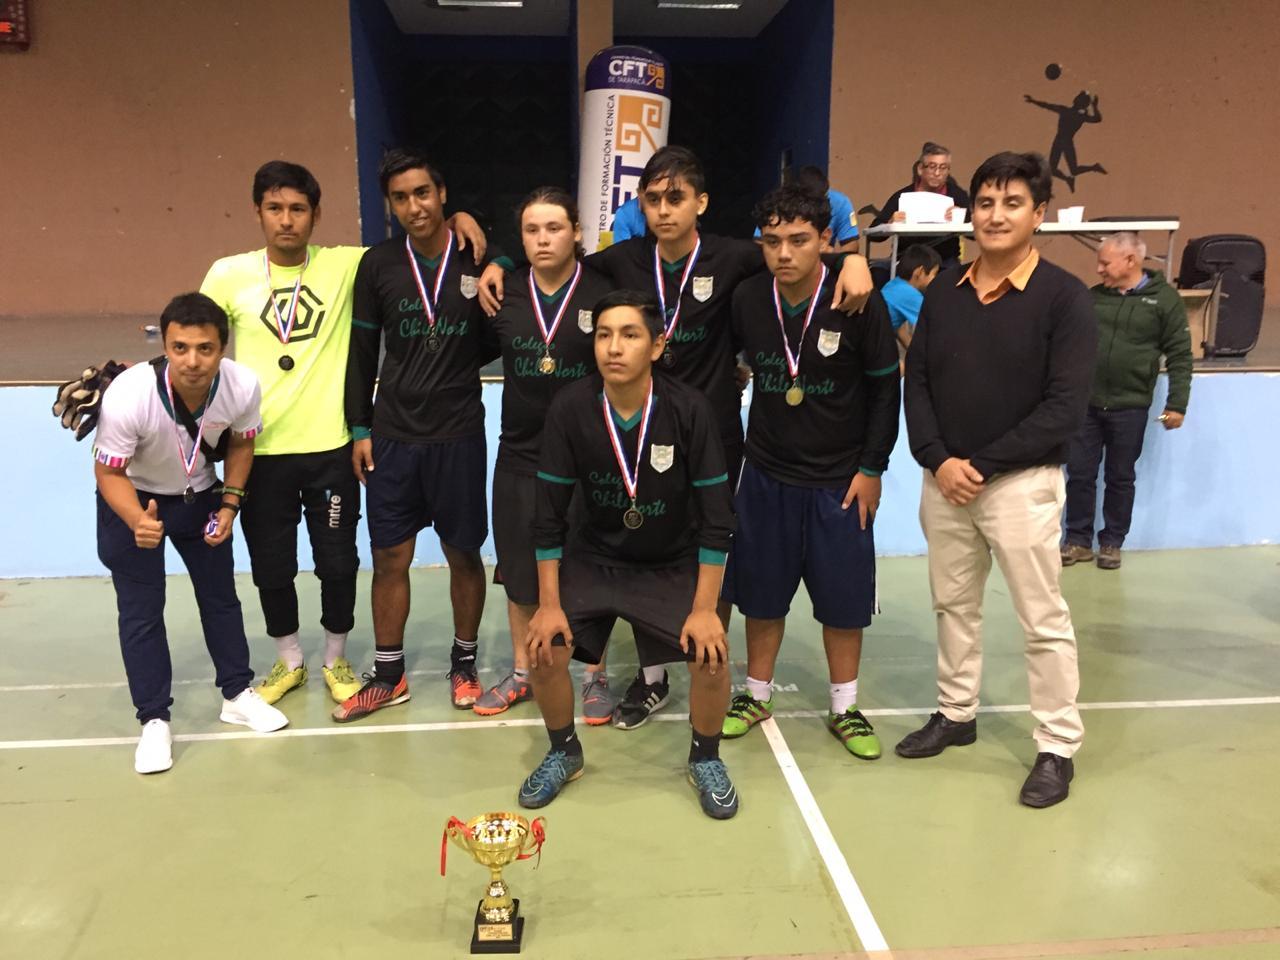 segundo lugar varones Colegio Chile Nort